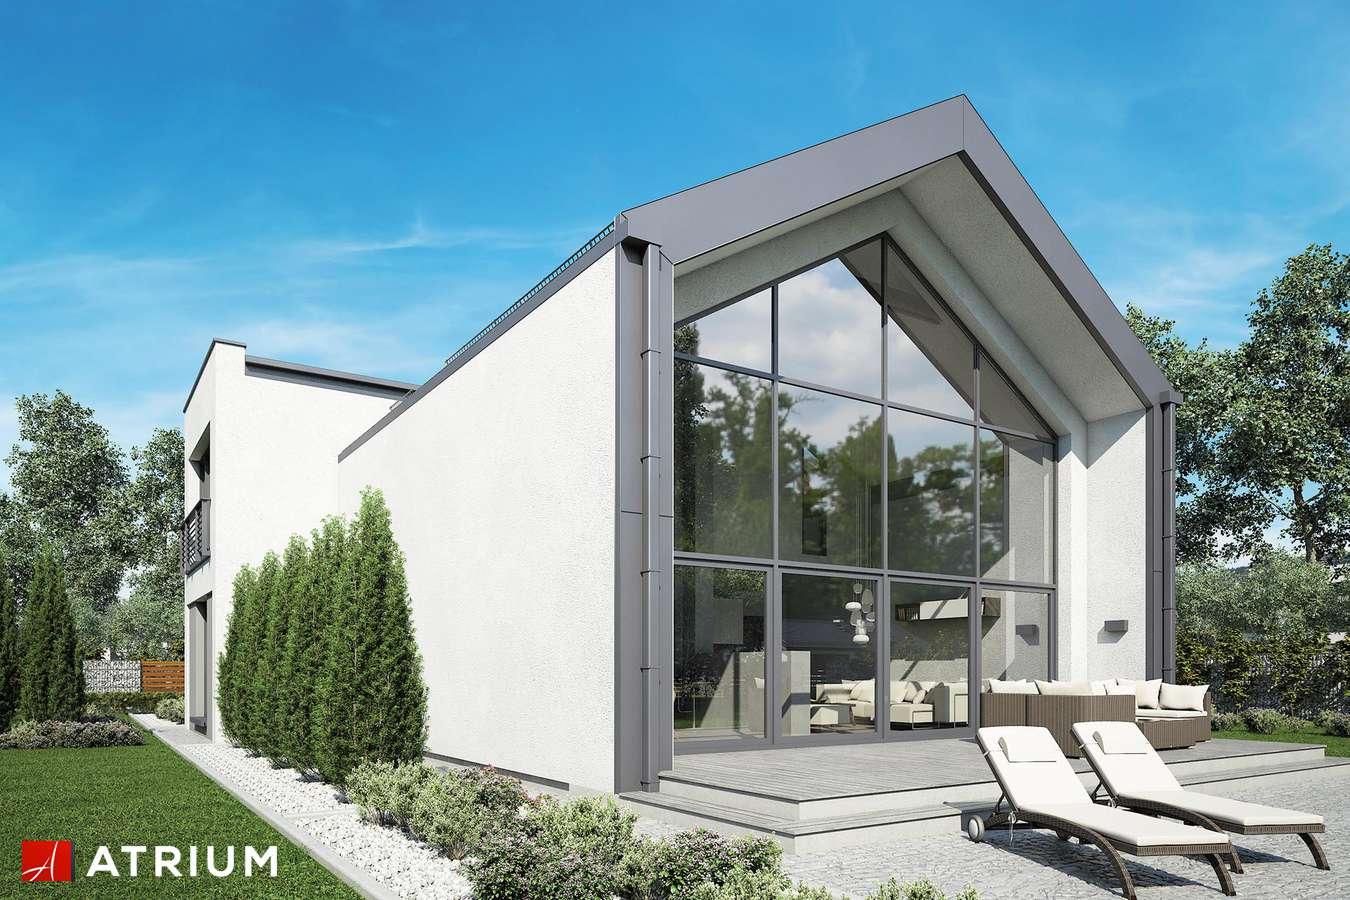 Projekty domów - Projekt domu z poddaszem VETRO - wizualizacja 2 - wersja lustrzana